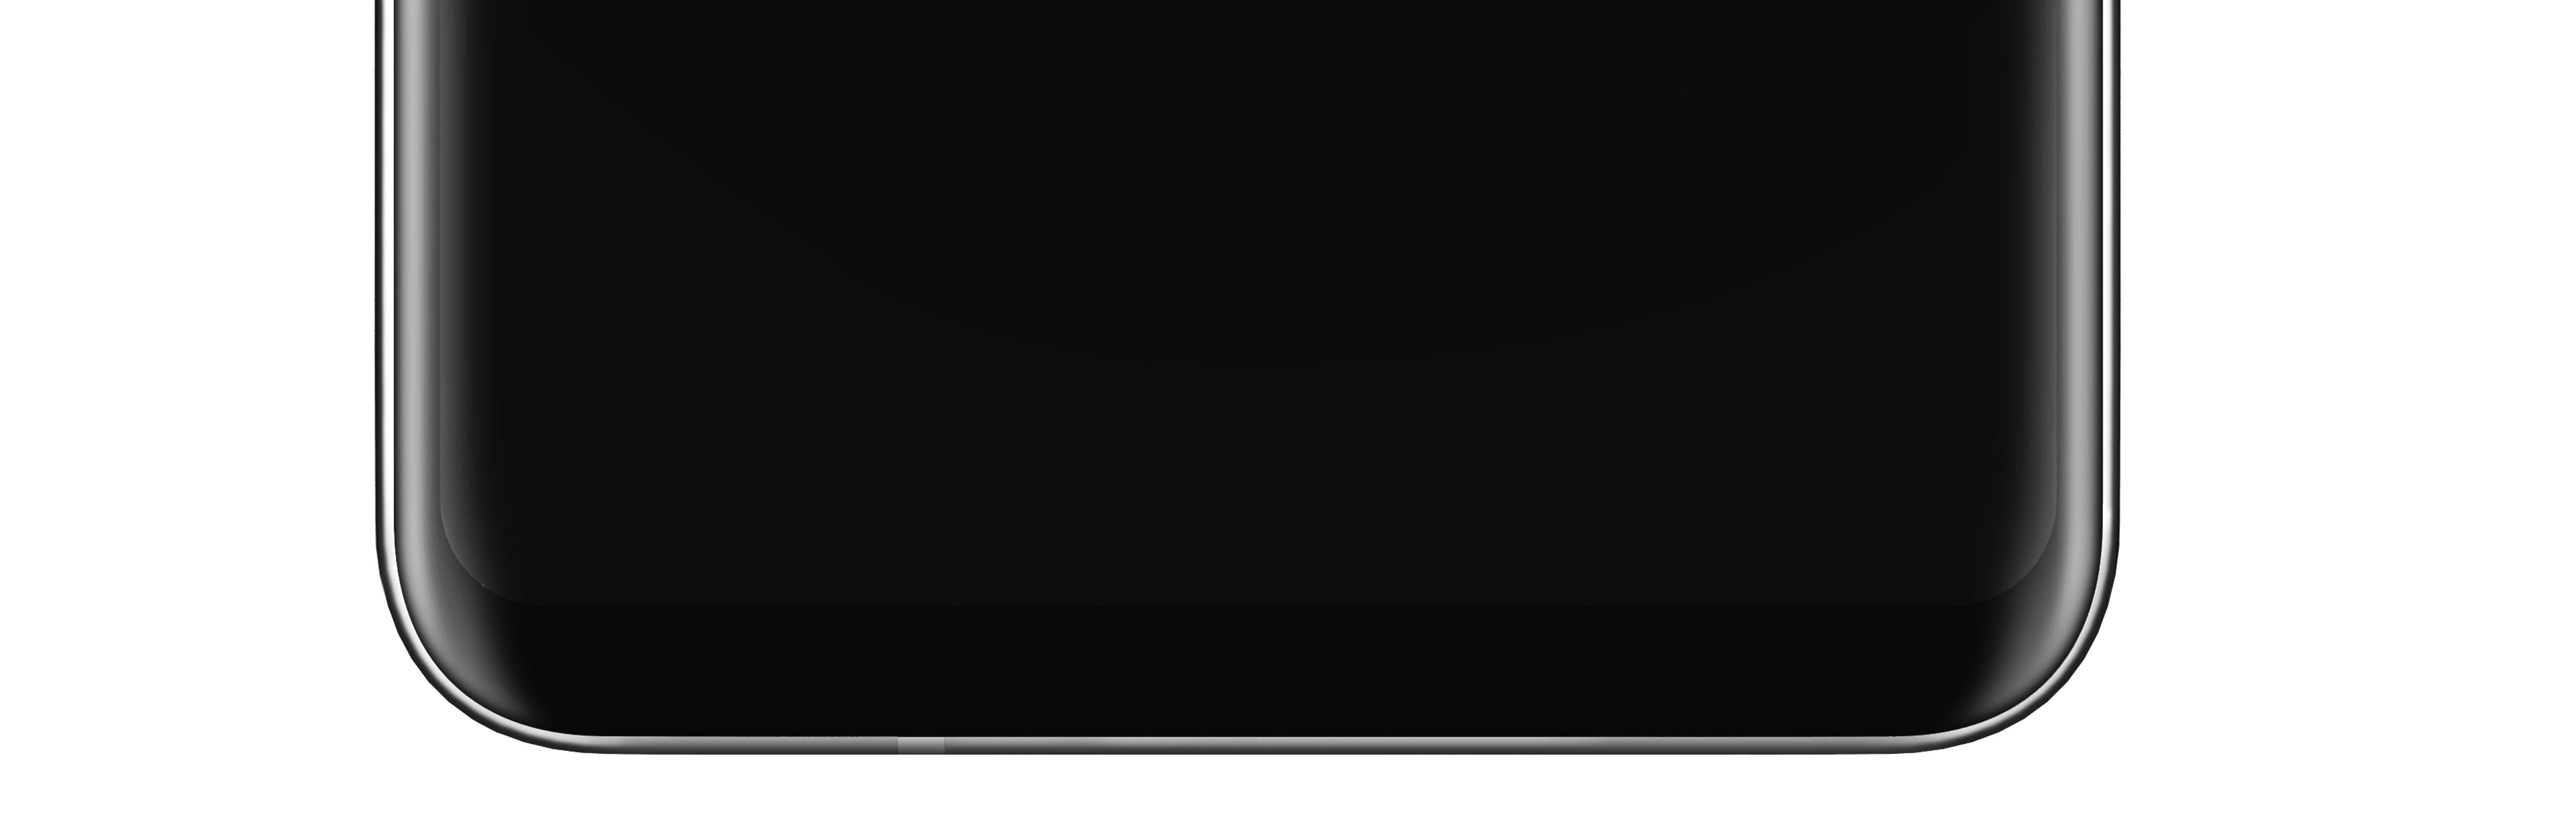 LG-OLED-FullVision-Display